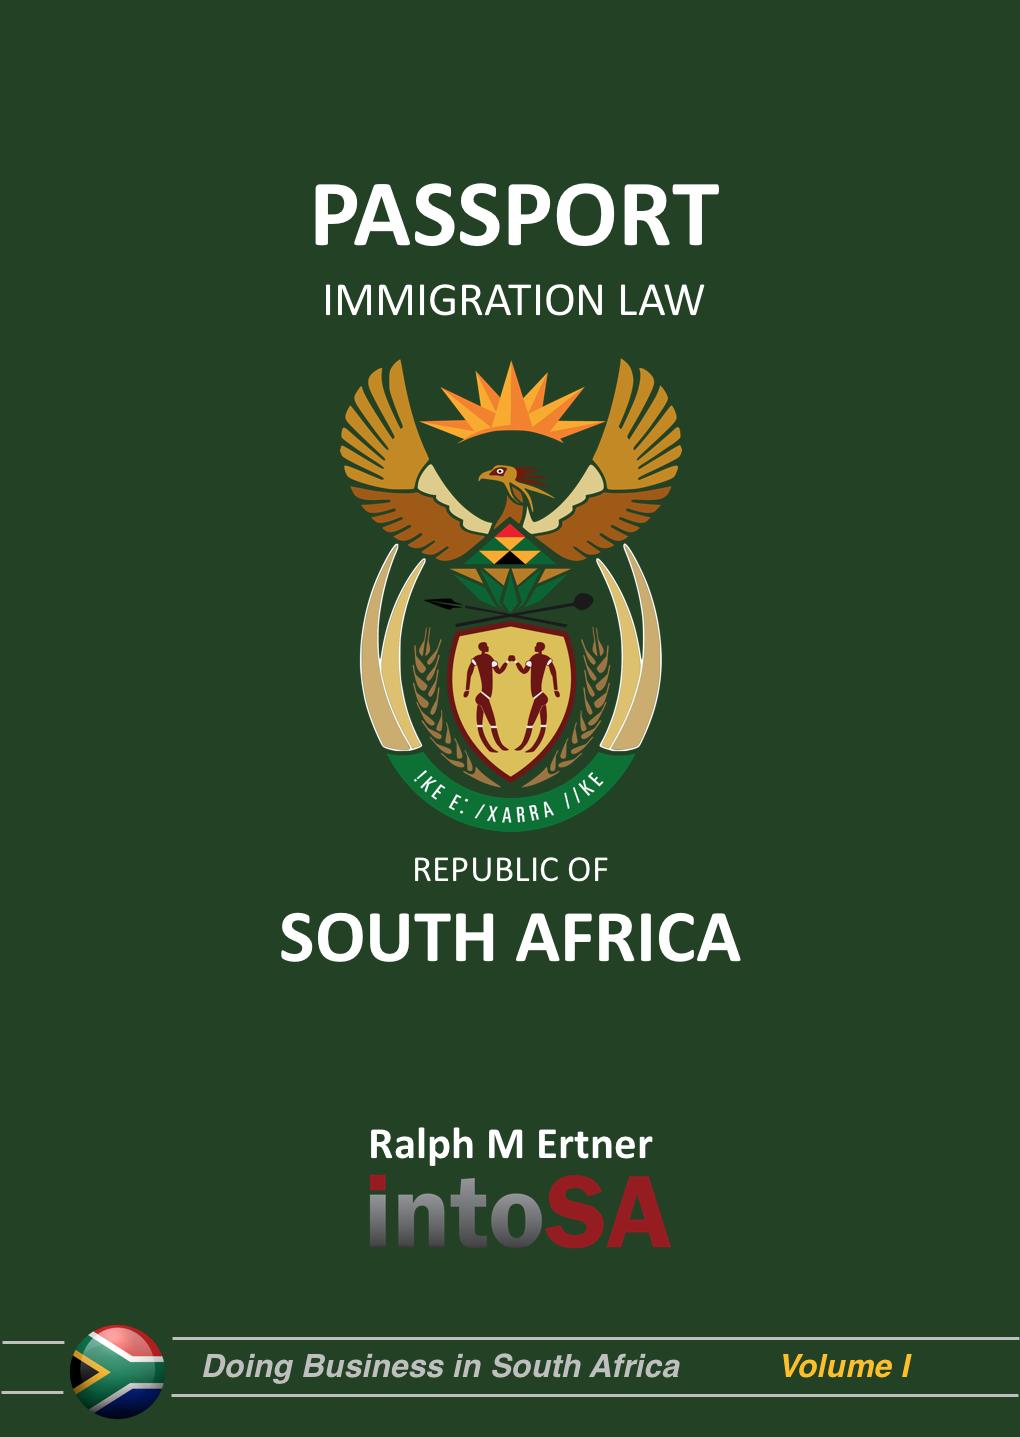 Into SA Immigration Passport